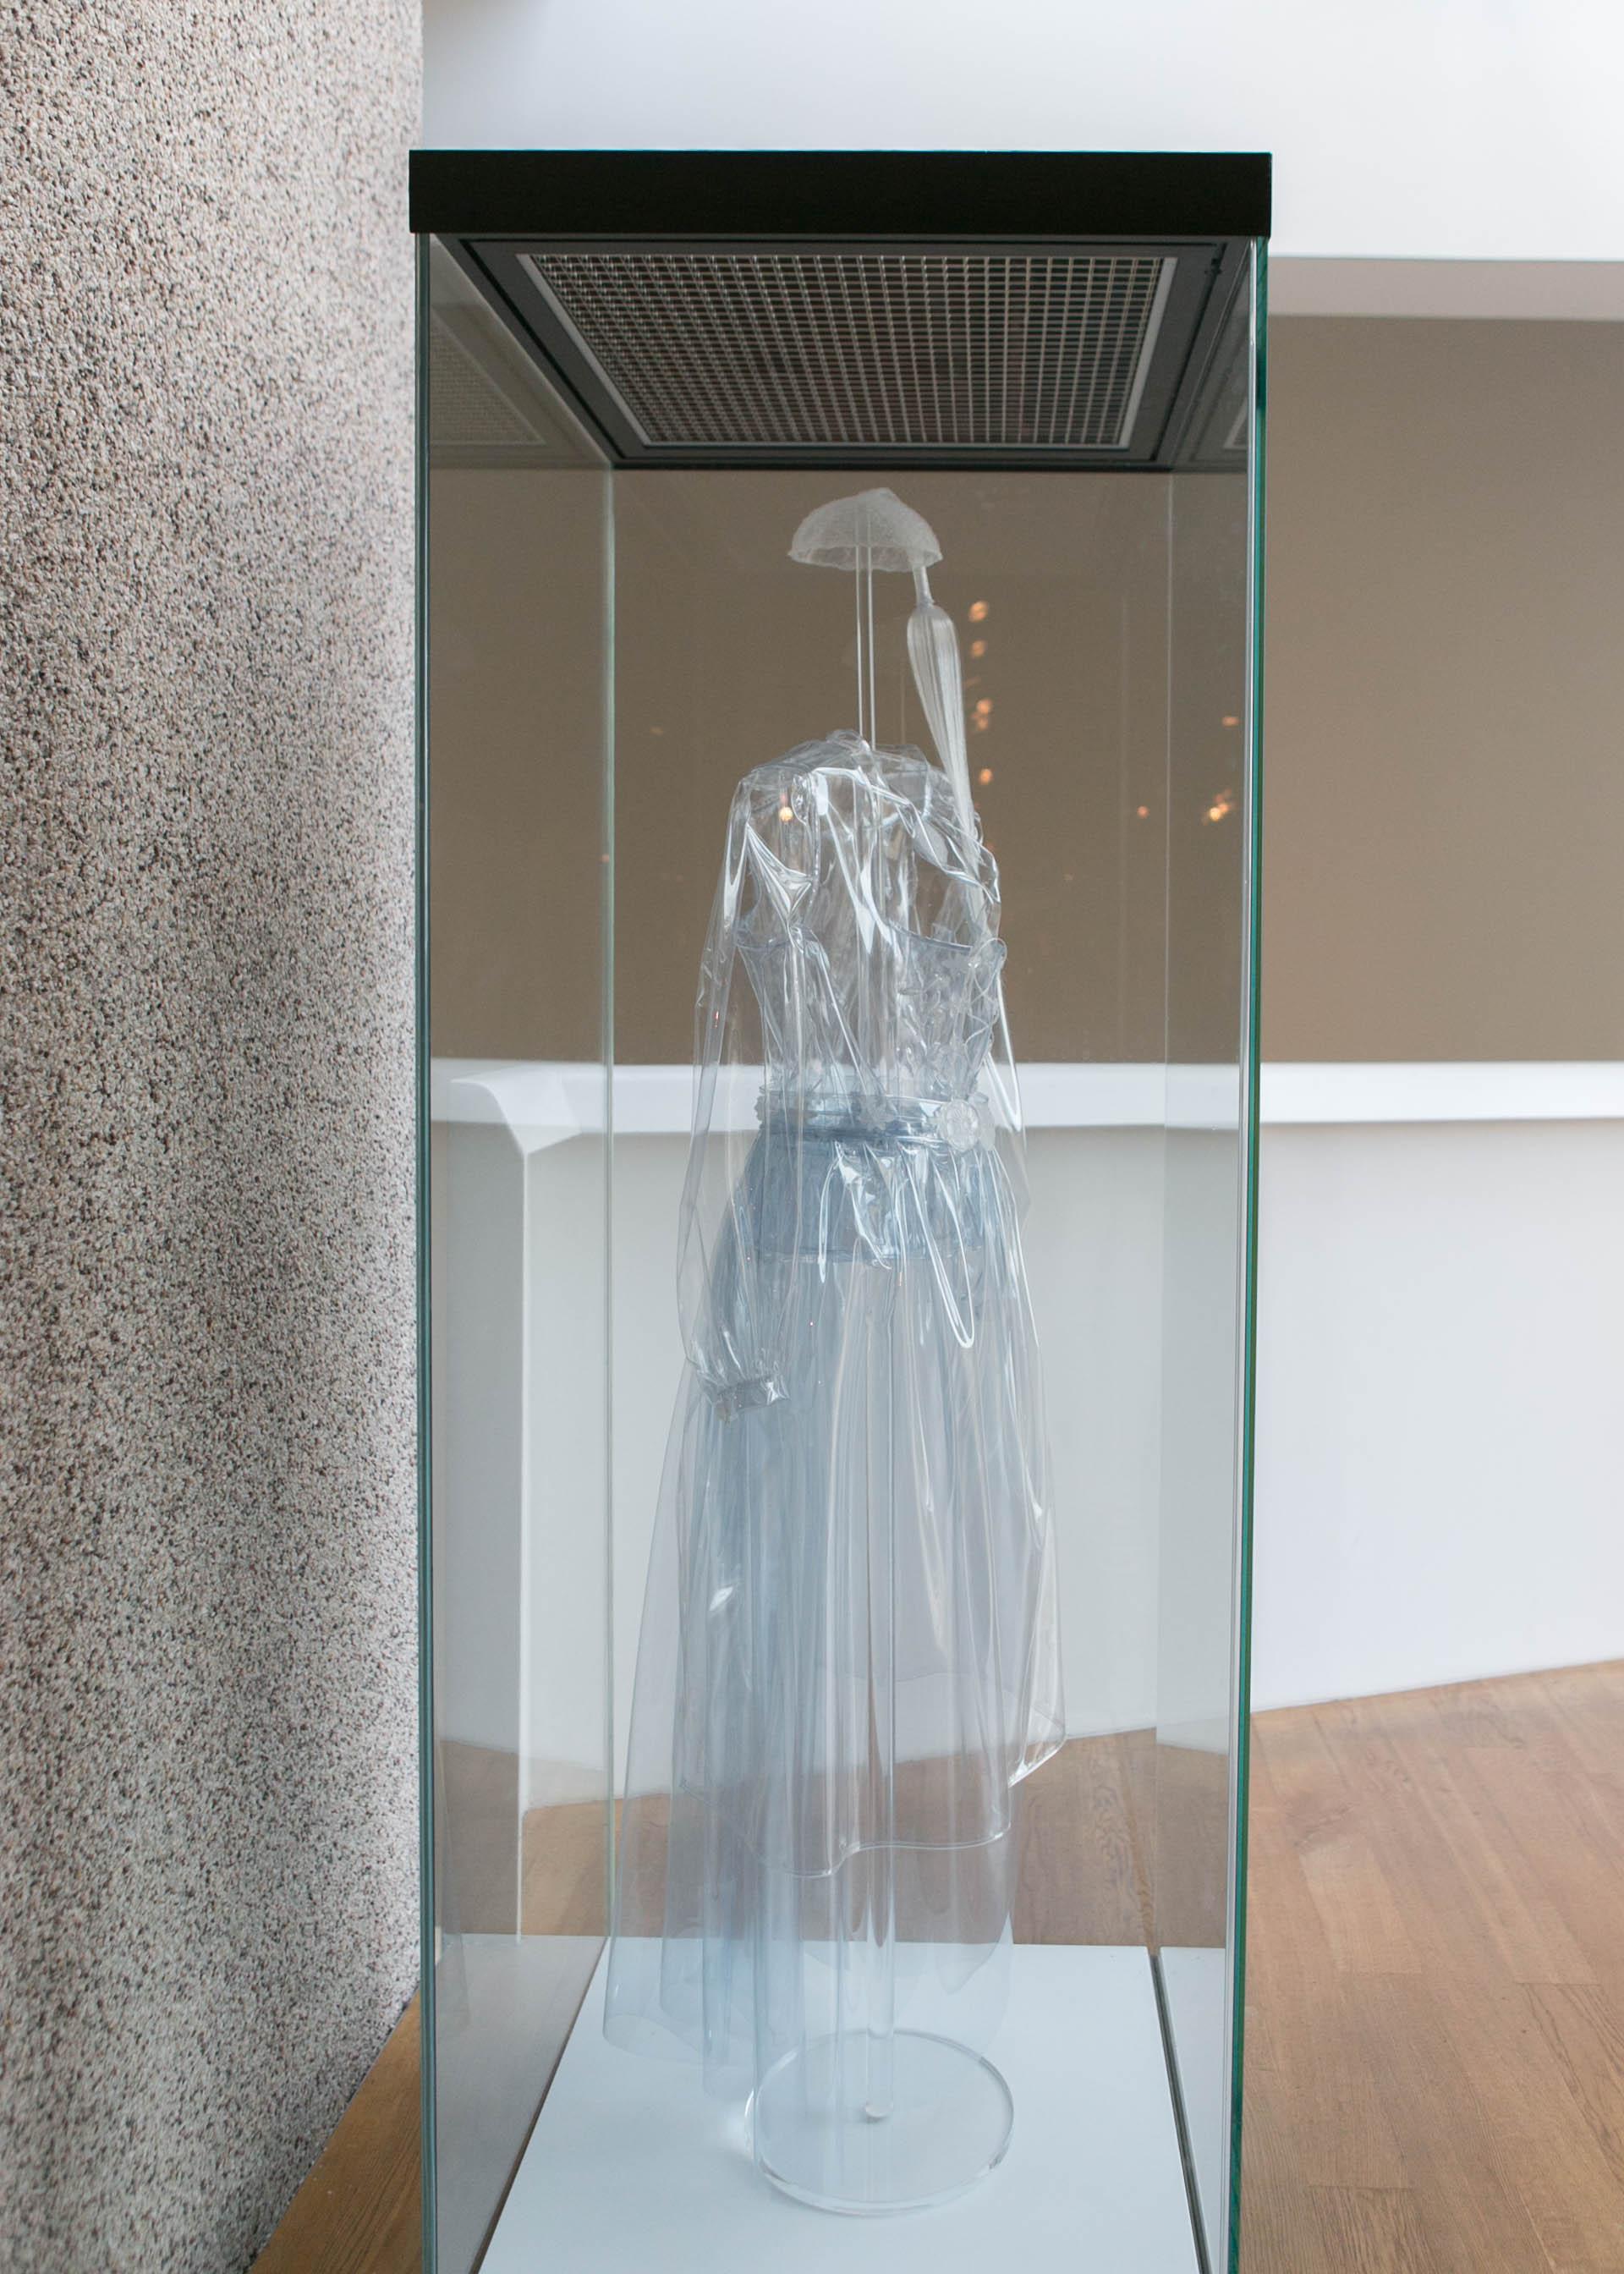 PLASTIC NATIONAL DRESS, 2000